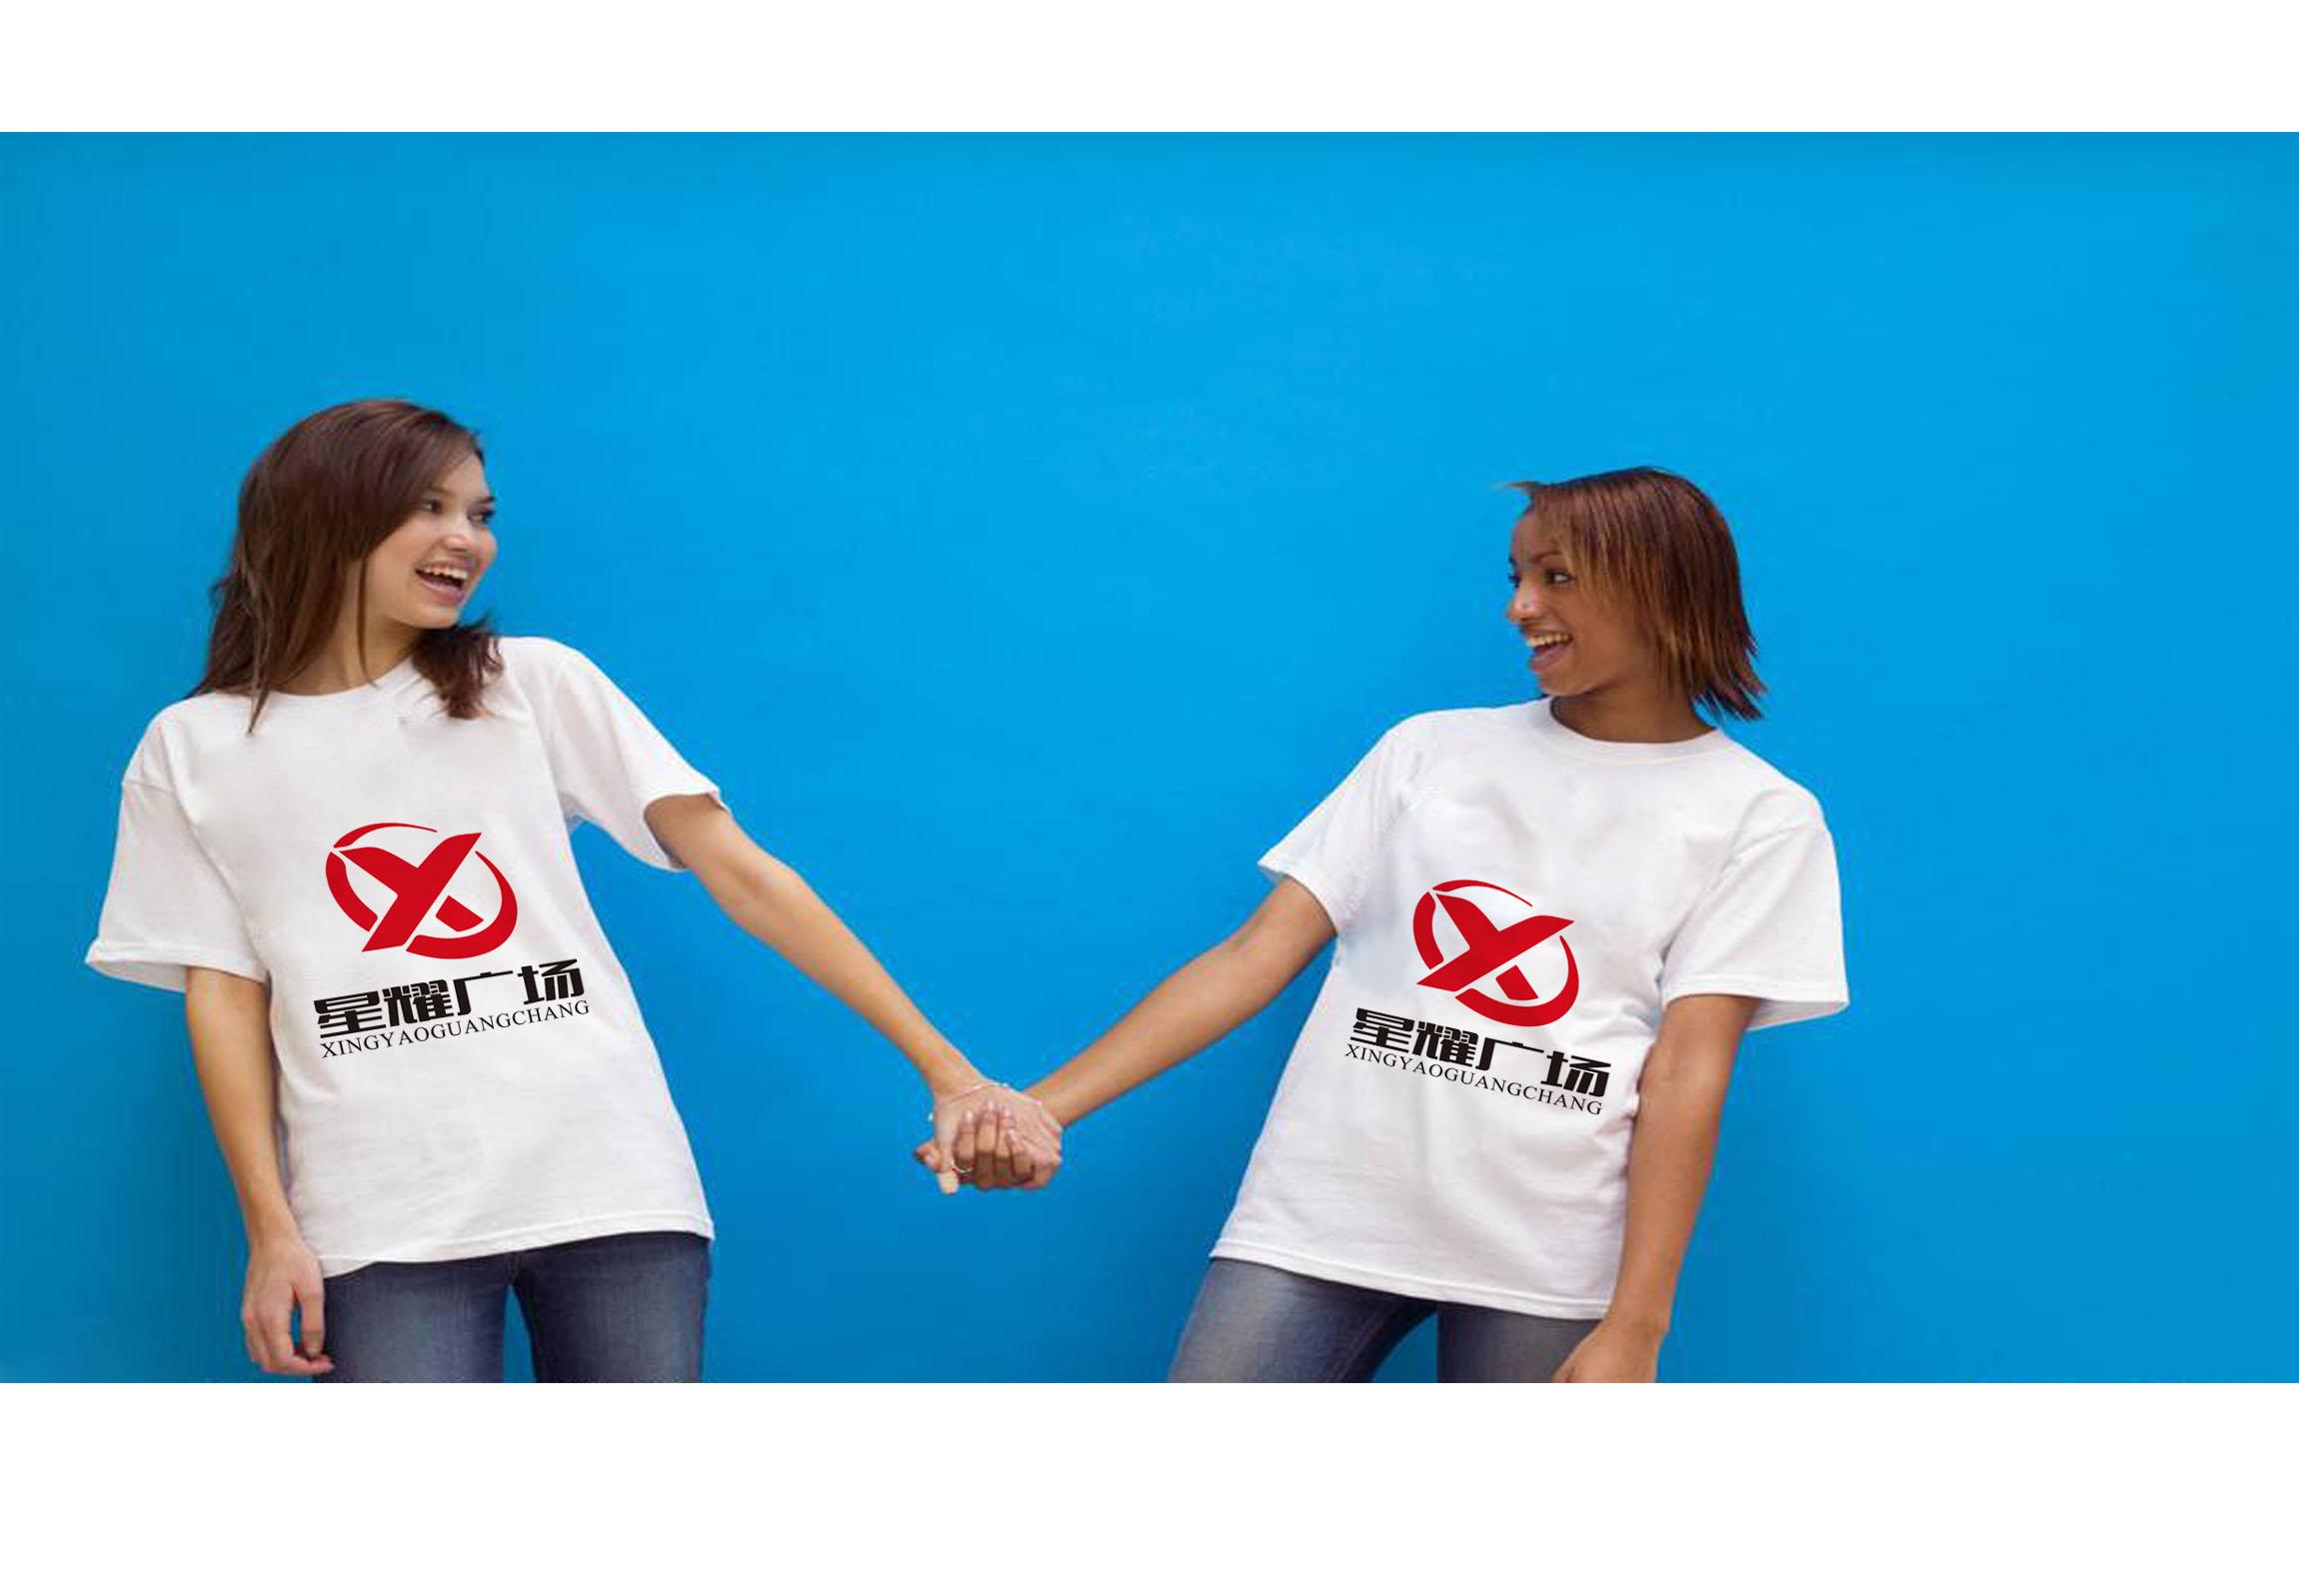 星耀广场Logo设计_3027412_k68威客网